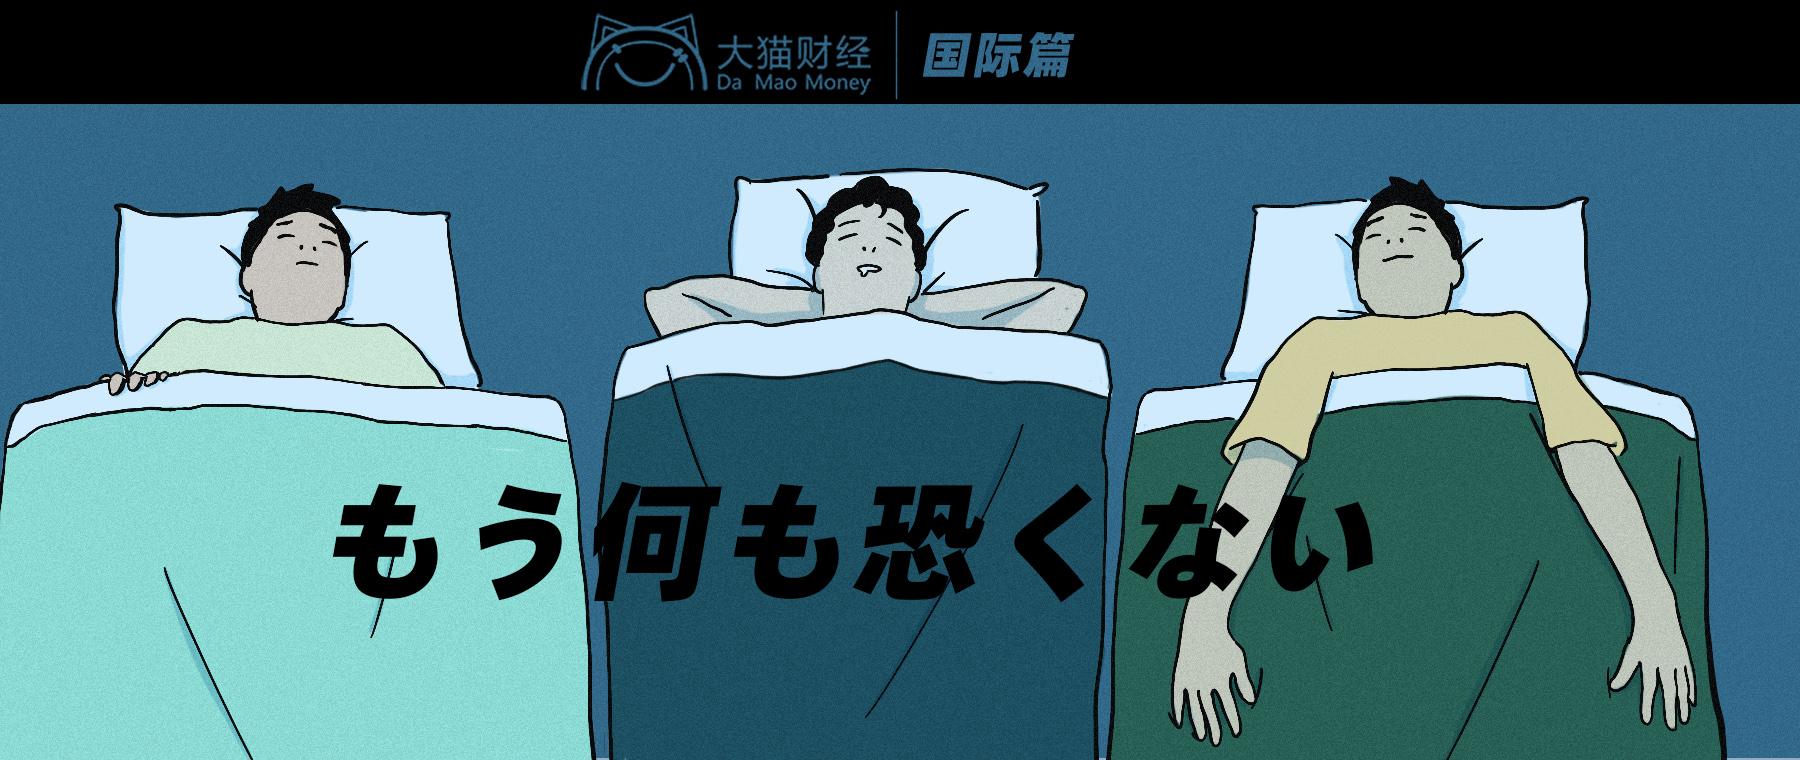 日本年輕人集體躺平30年!背後真相太殘酷了